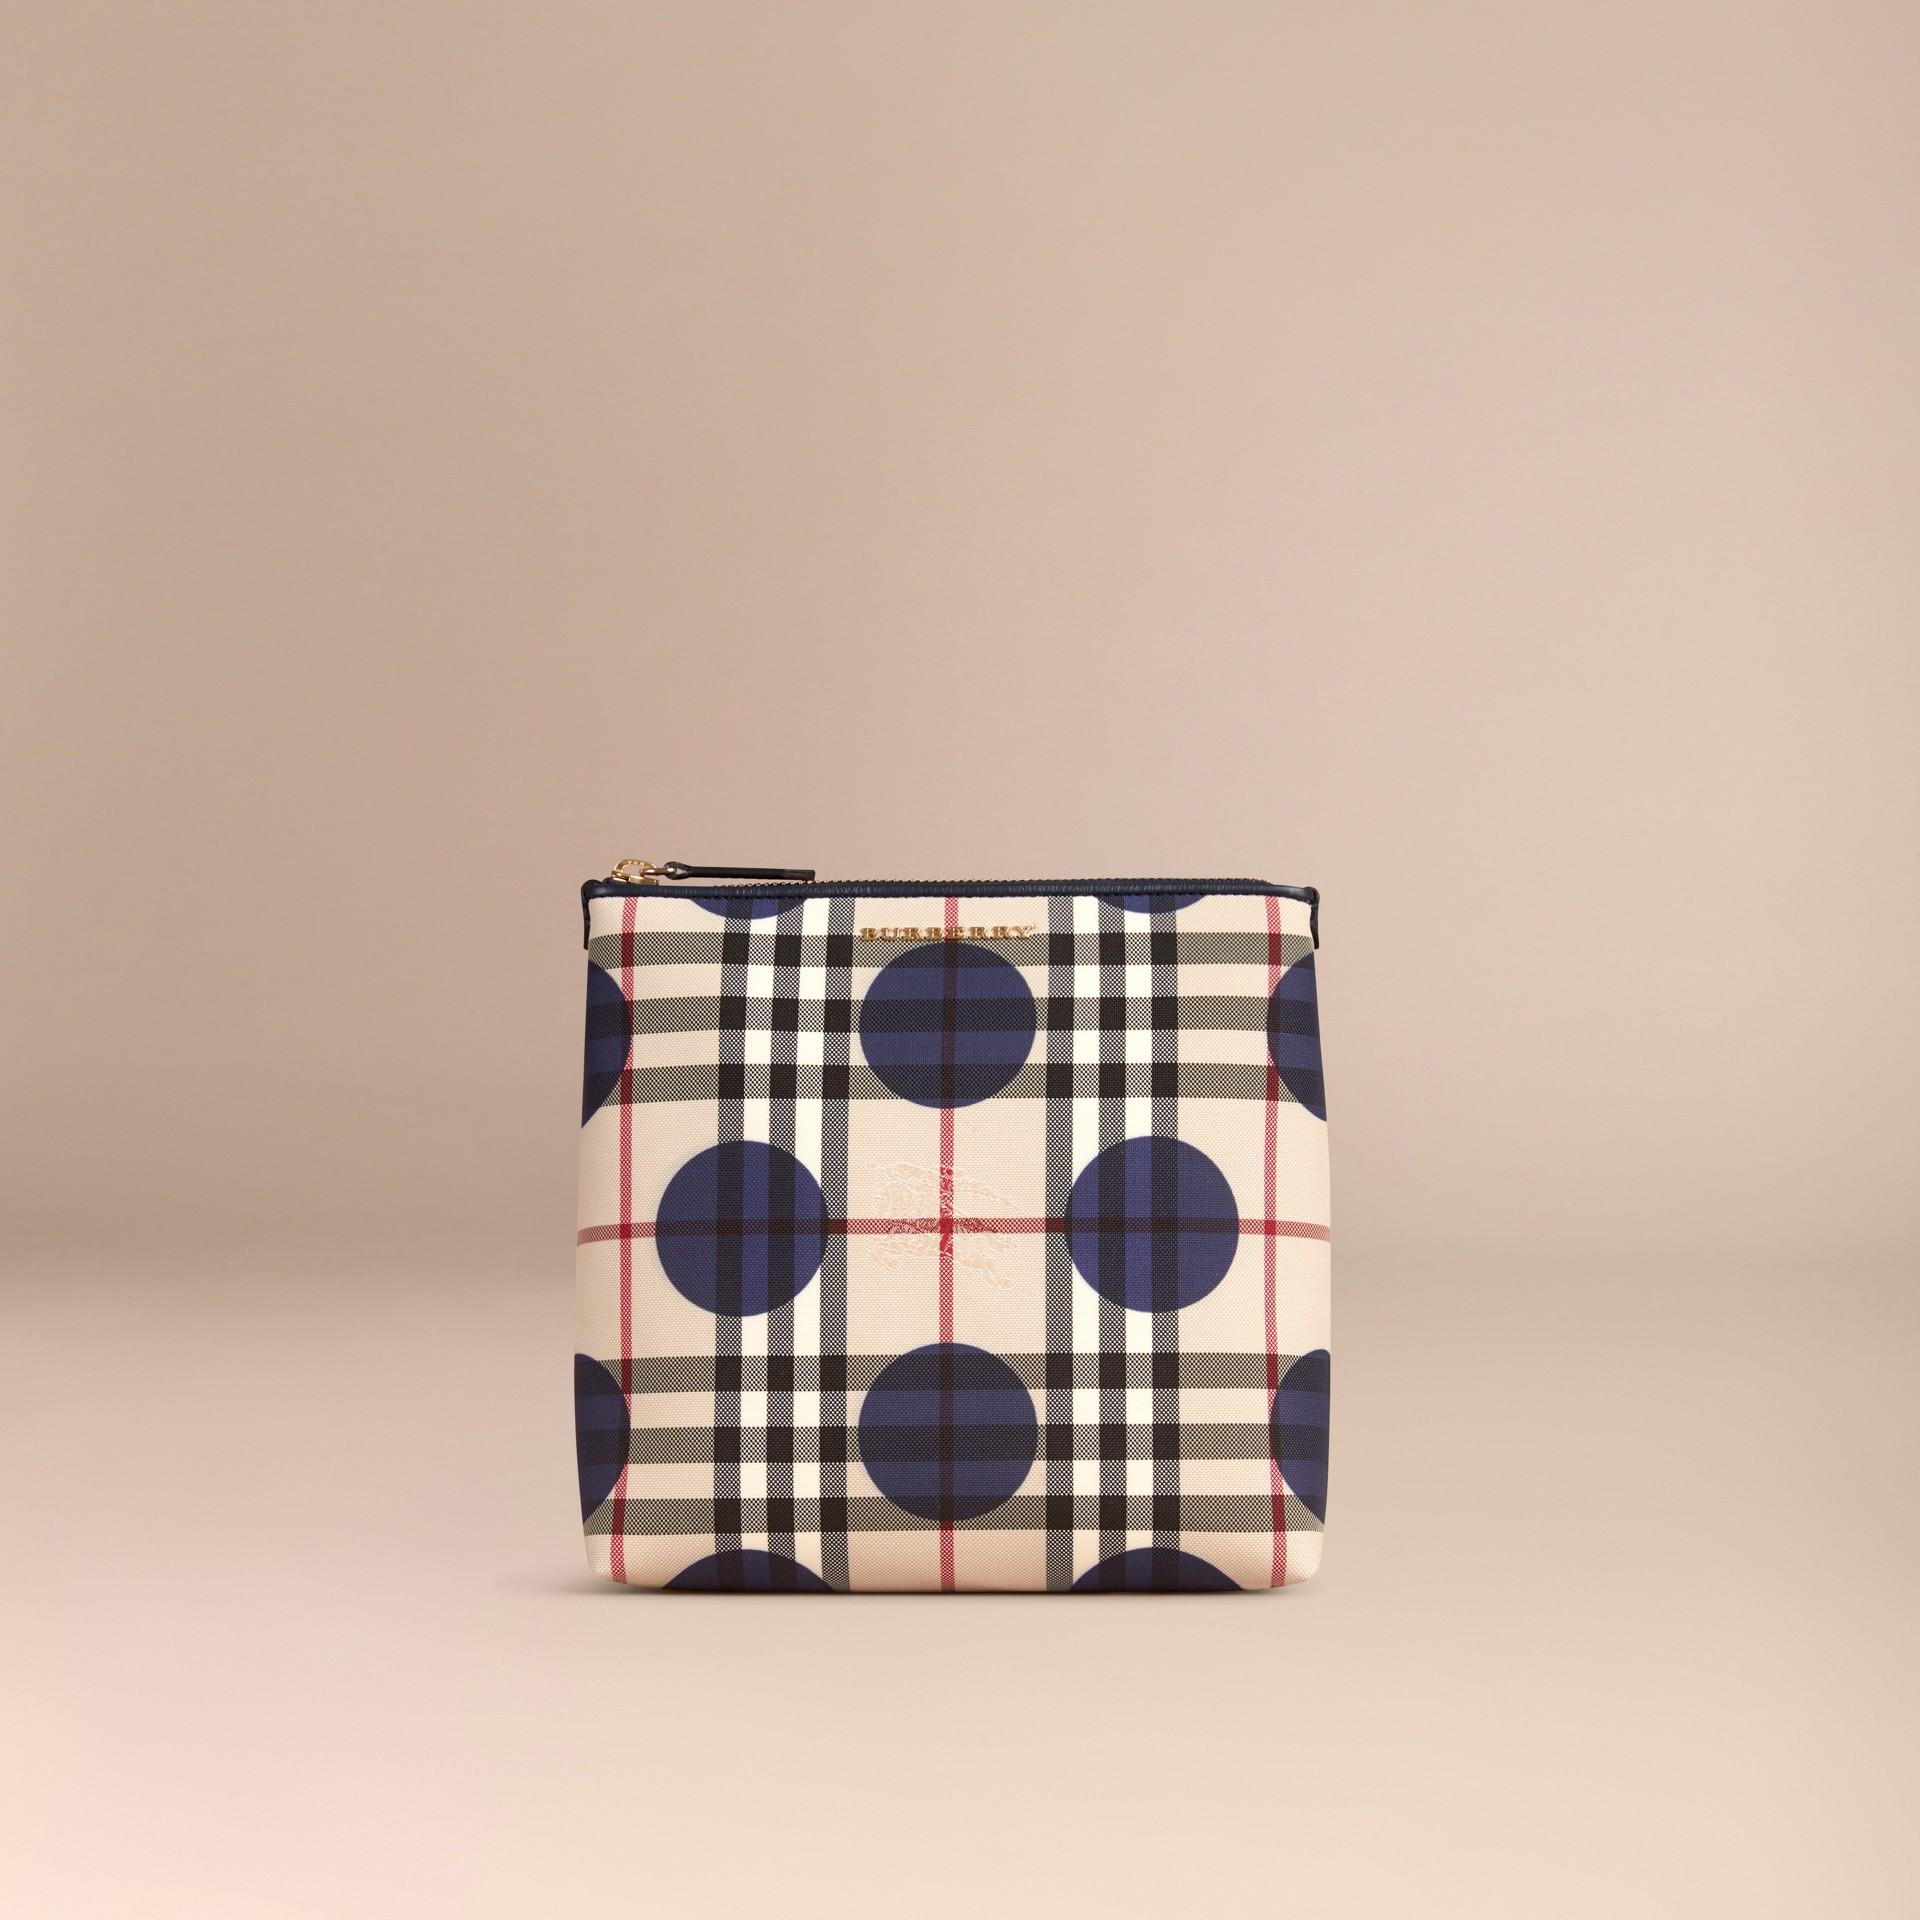 Azul carbono Bolsa grande com acabamento de couro e estampa xadrez com poás Azul Carbono - galeria de imagens 3